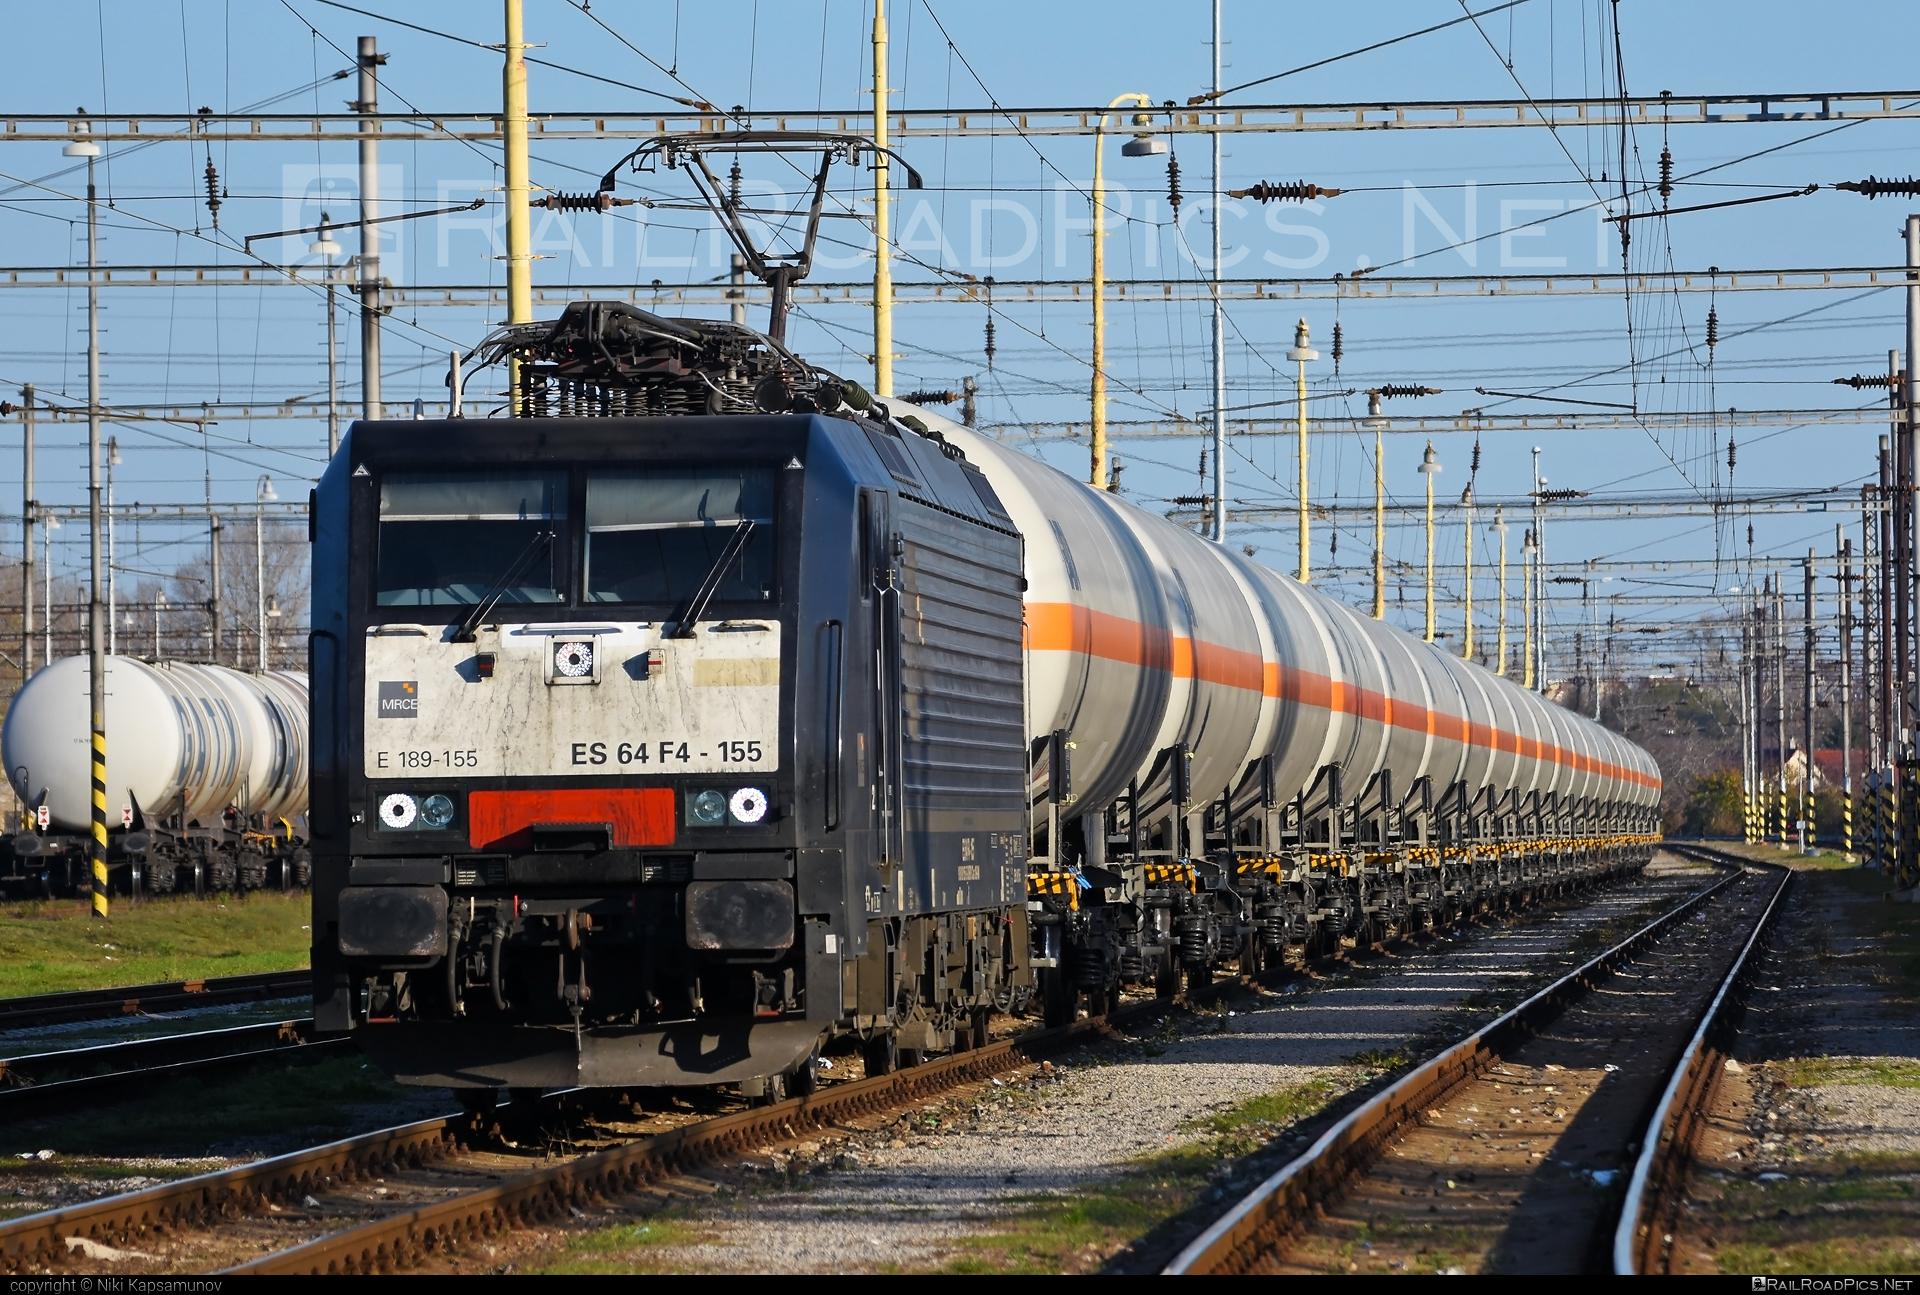 Siemens ES 64 F4 - 189 155-5 operated by Retrack Slovakia s. r. o. #dispolok #es64 #es64f4 #eurosprinter #kesselwagen #mitsuirailcapitaleurope #mitsuirailcapitaleuropegmbh #mrce #retrack #retrackslovakia #siemens #siemenses64 #siemenses64f4 #tankwagon